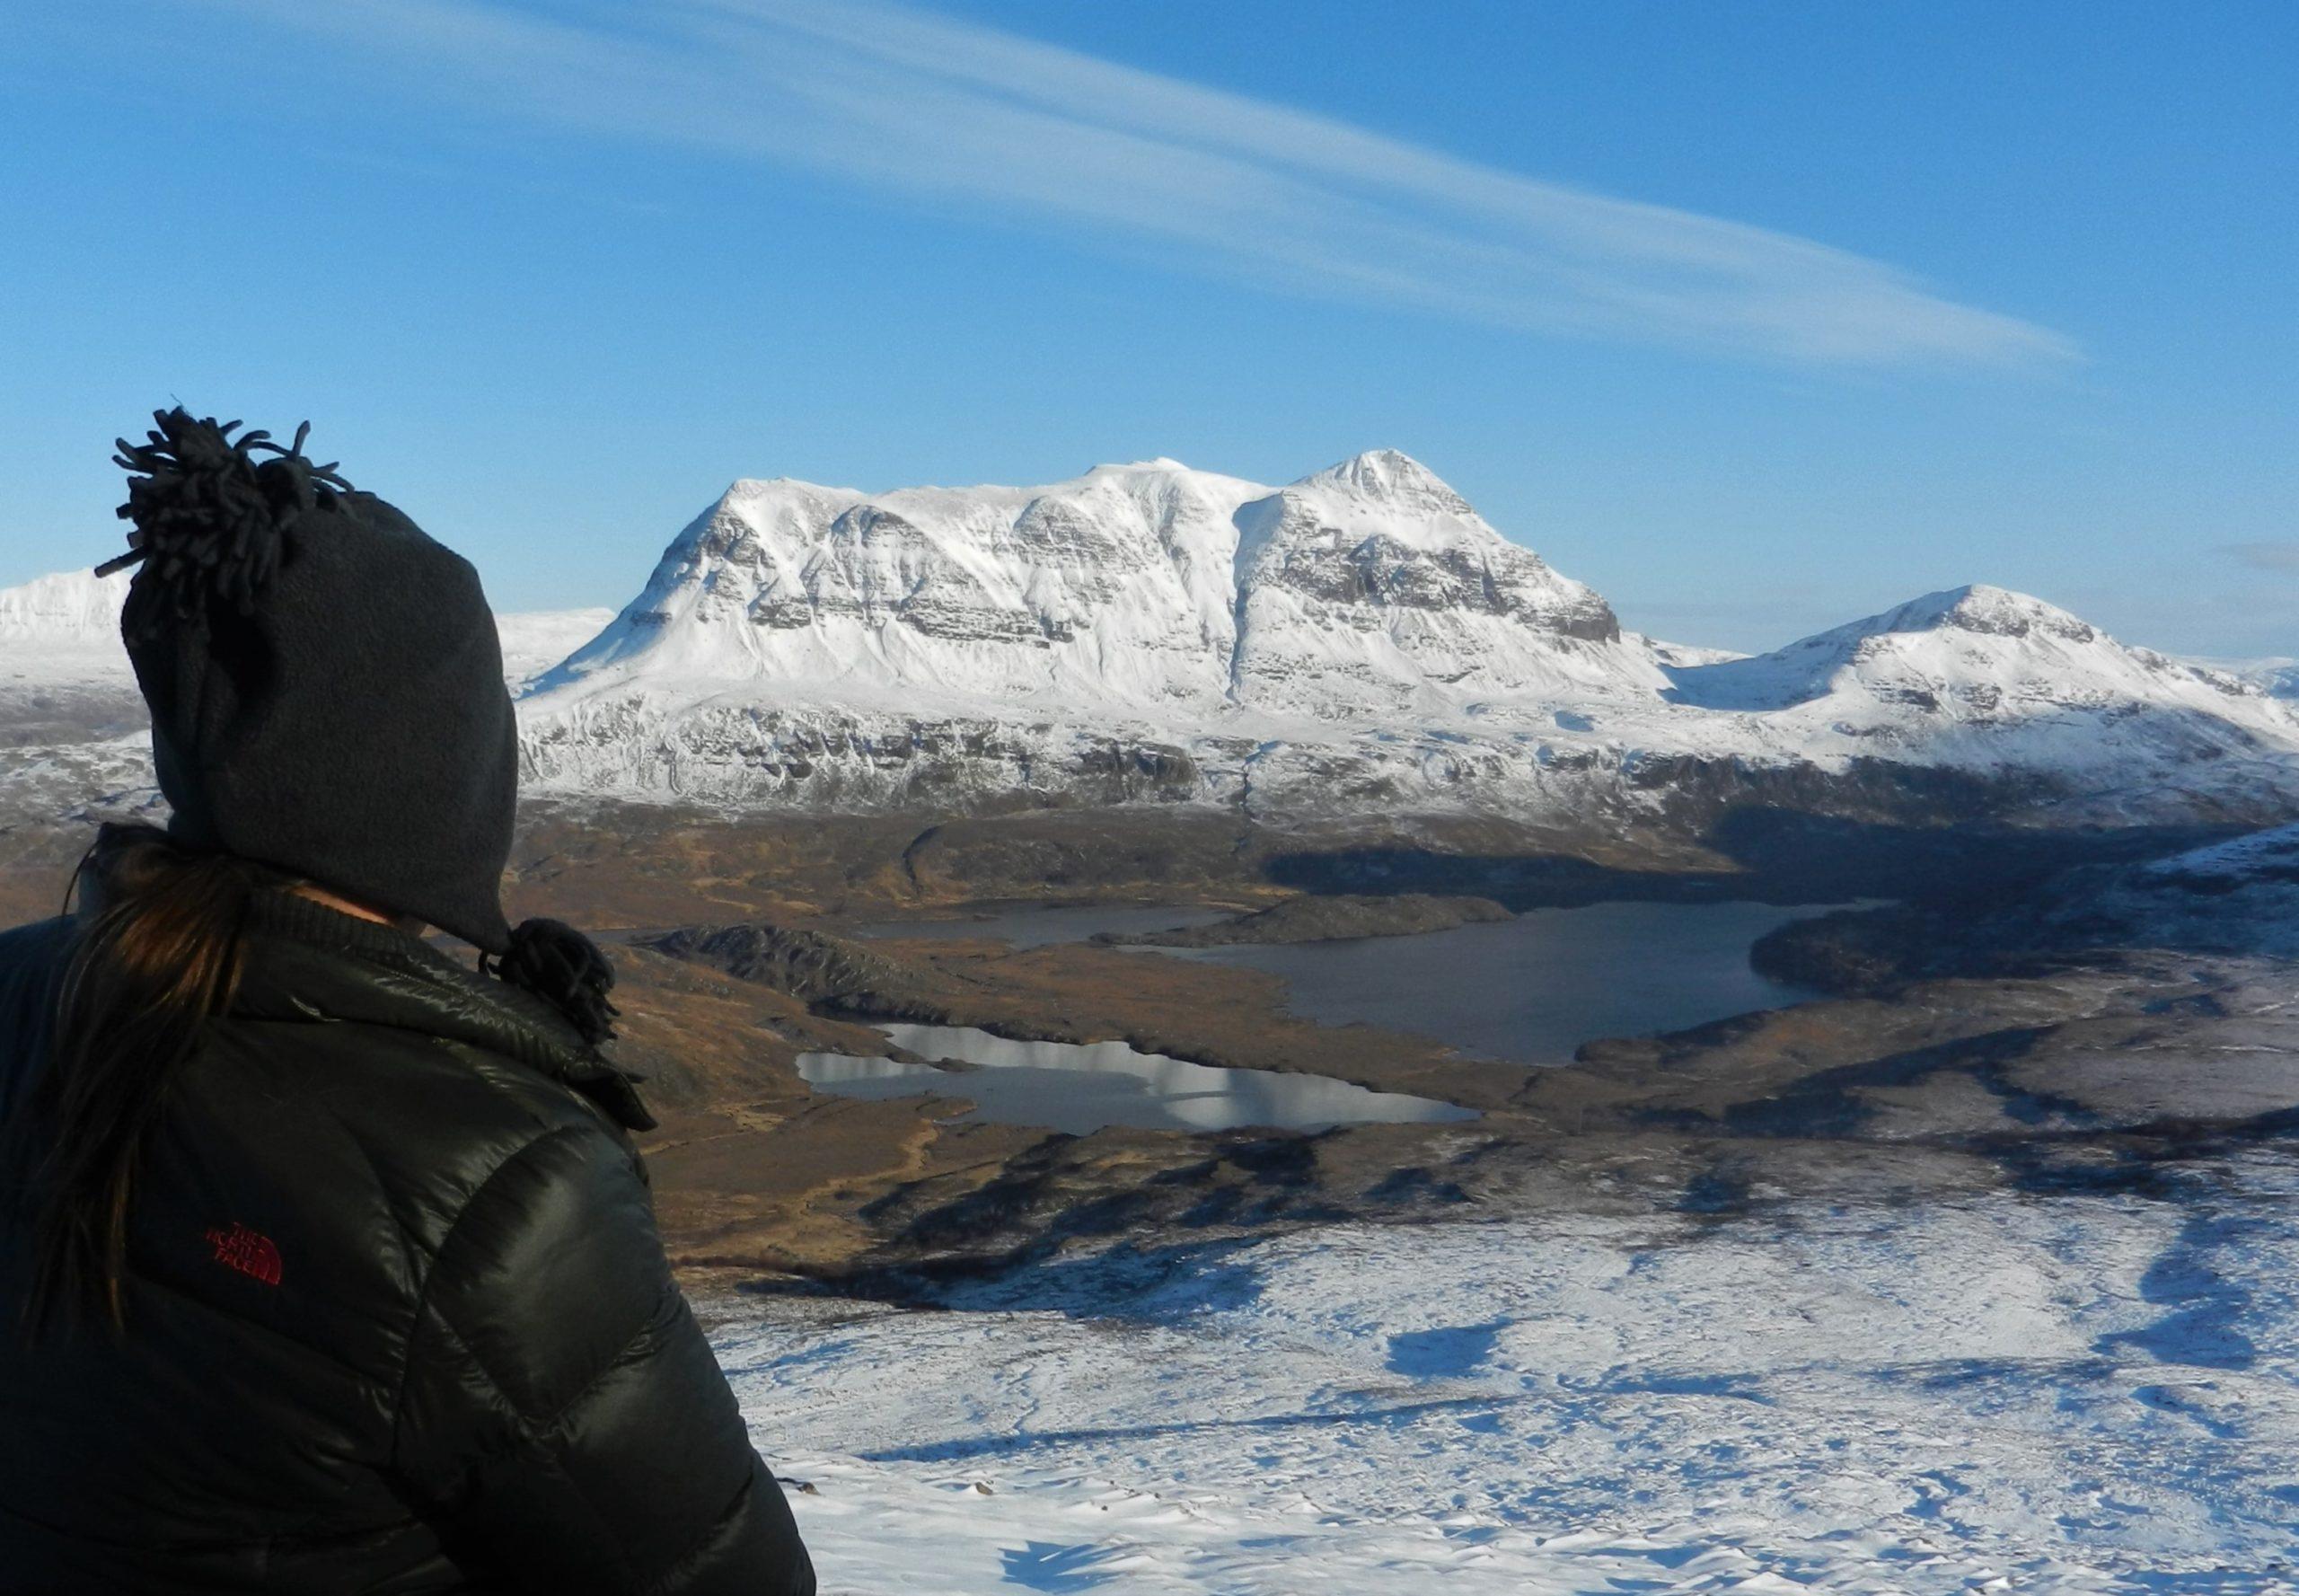 Winter wonderland around Stac Pollaidh